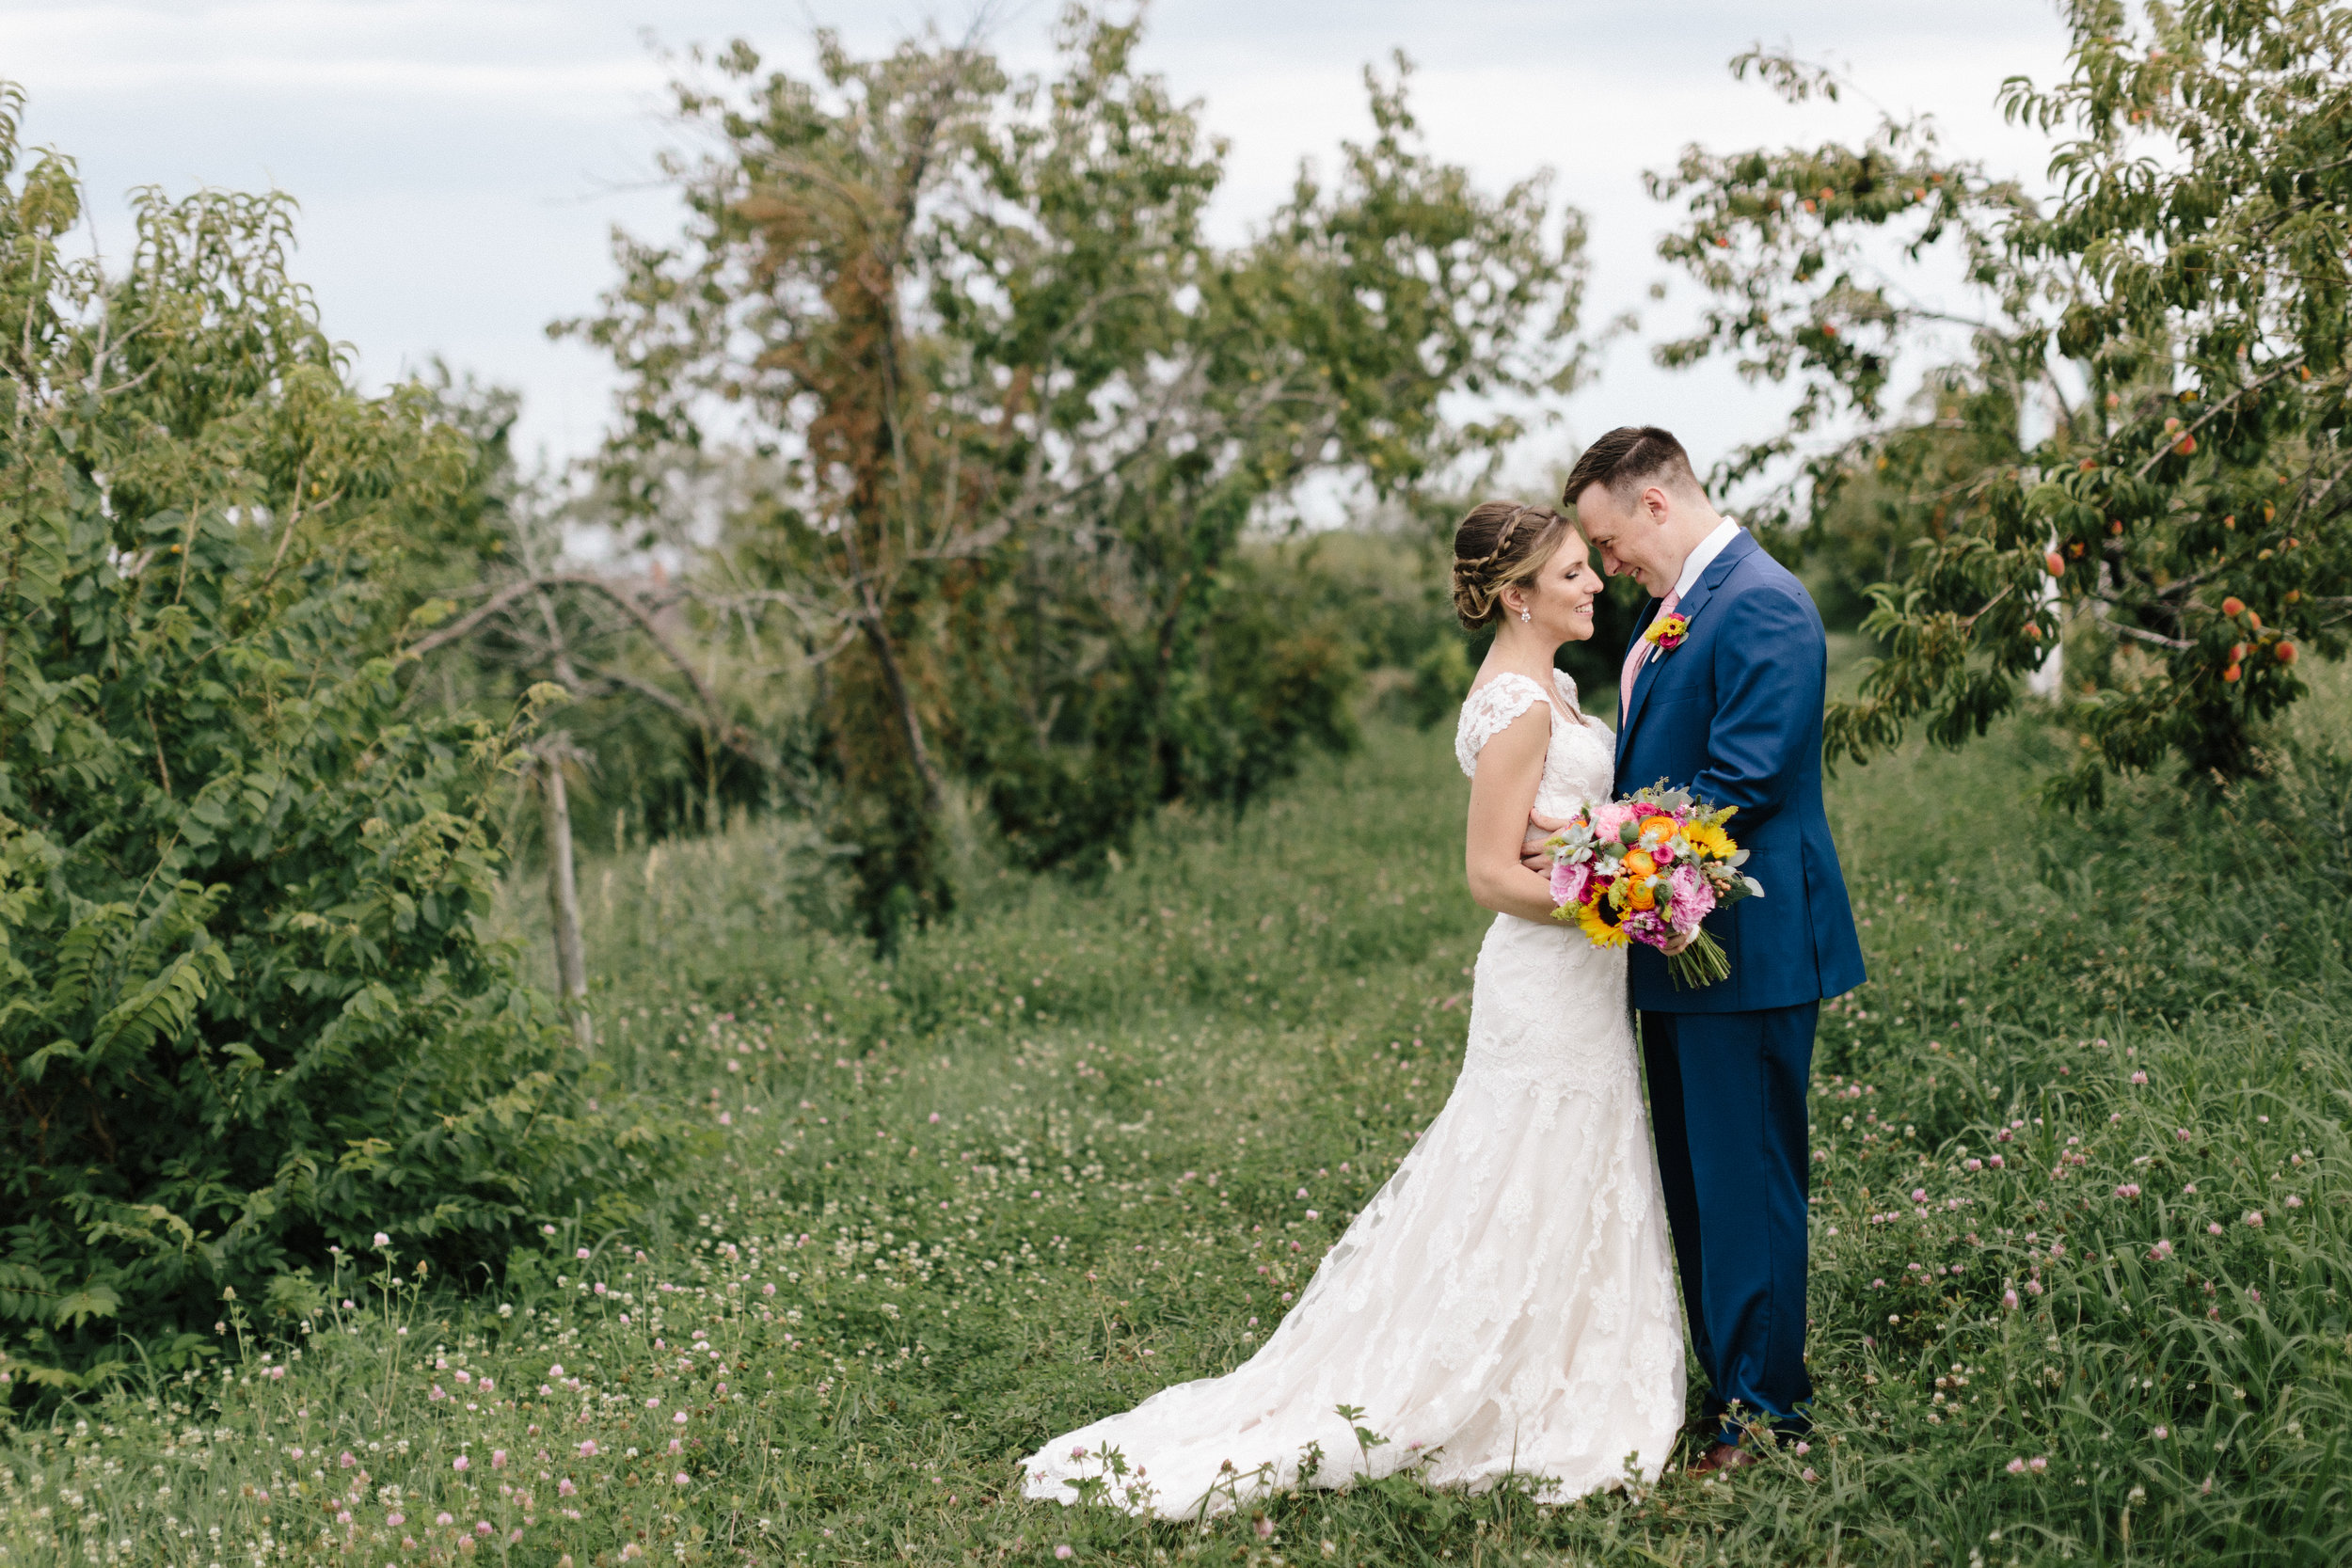 alyssa barletter photography weston missouri bright summer wedding allie and alex cole-27.jpg